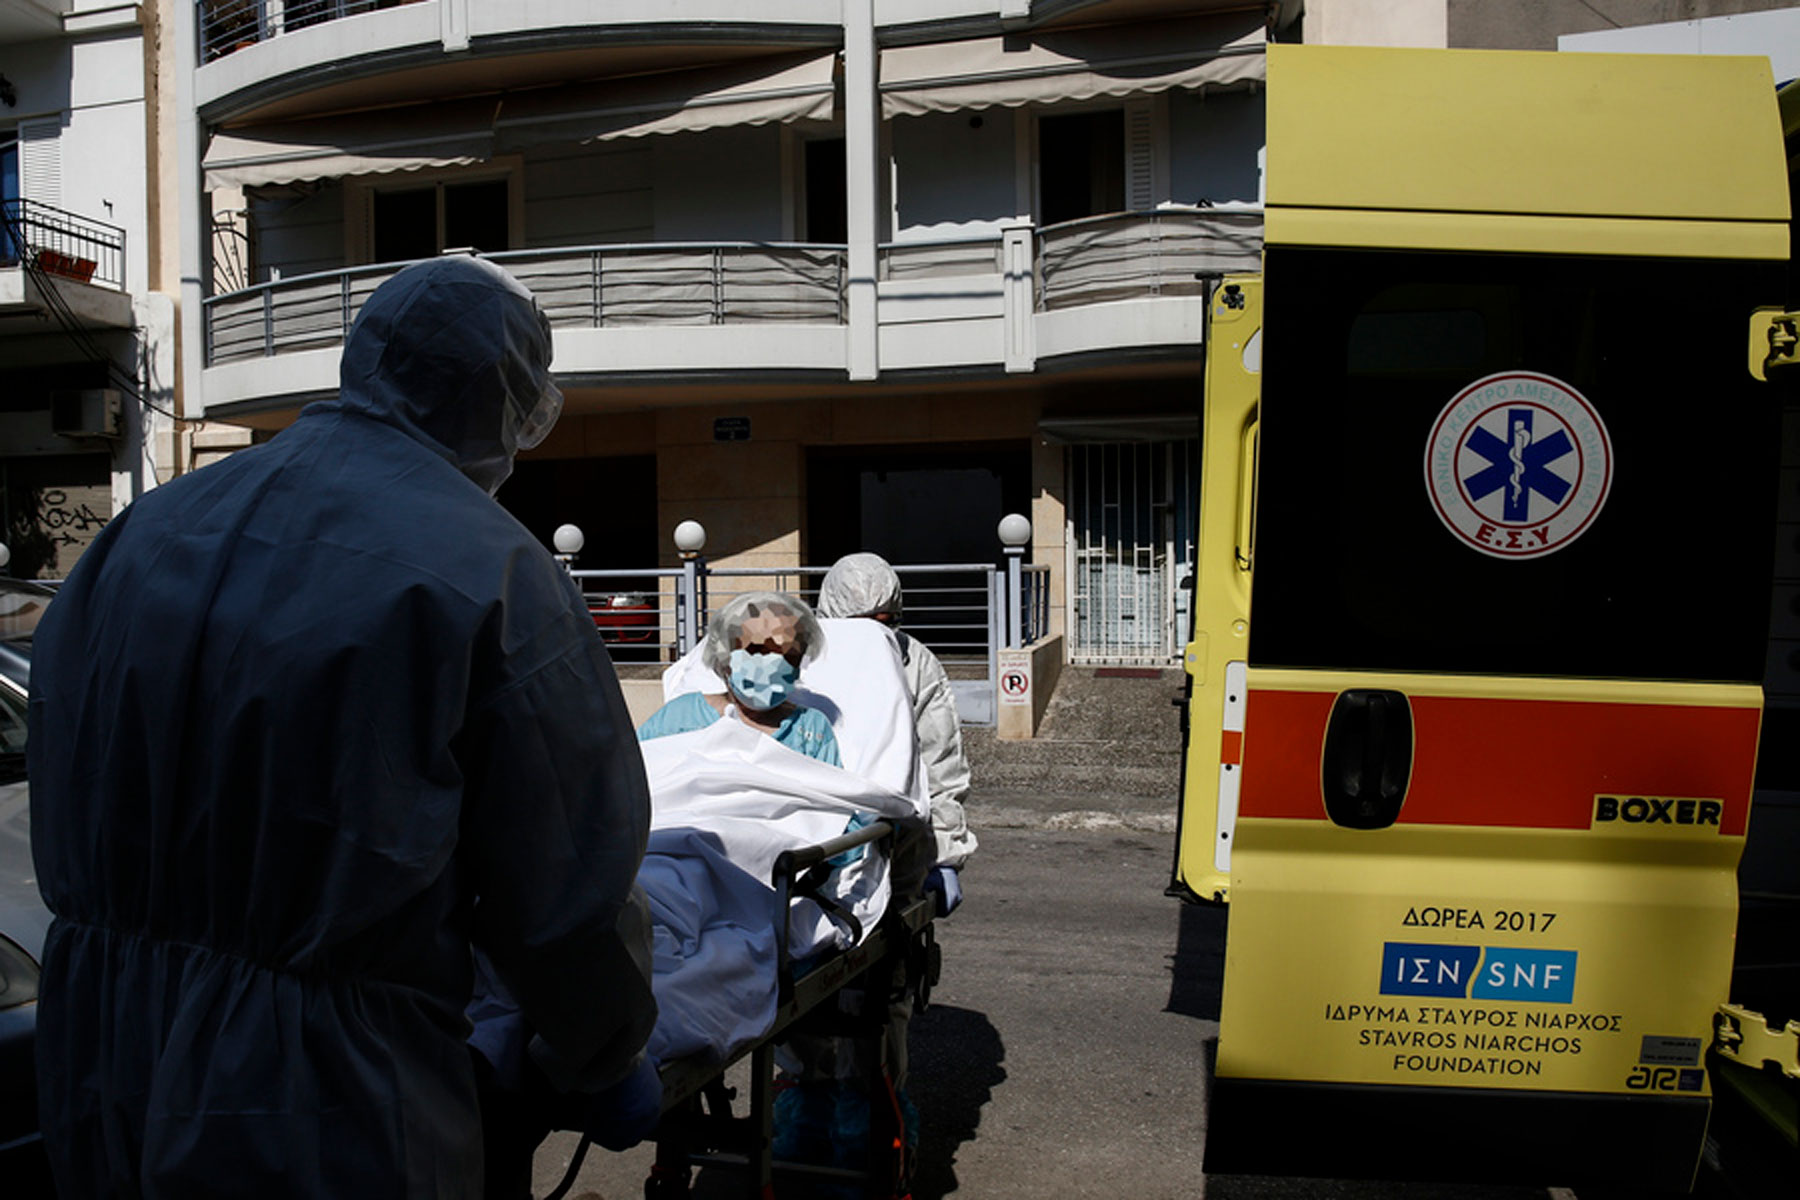 Υπουργείο Υγείας: Διακομιδή σε ιδιωτικές κλινικές και ανασφάλιστων πολιτών χωρίς επιβάρυνση